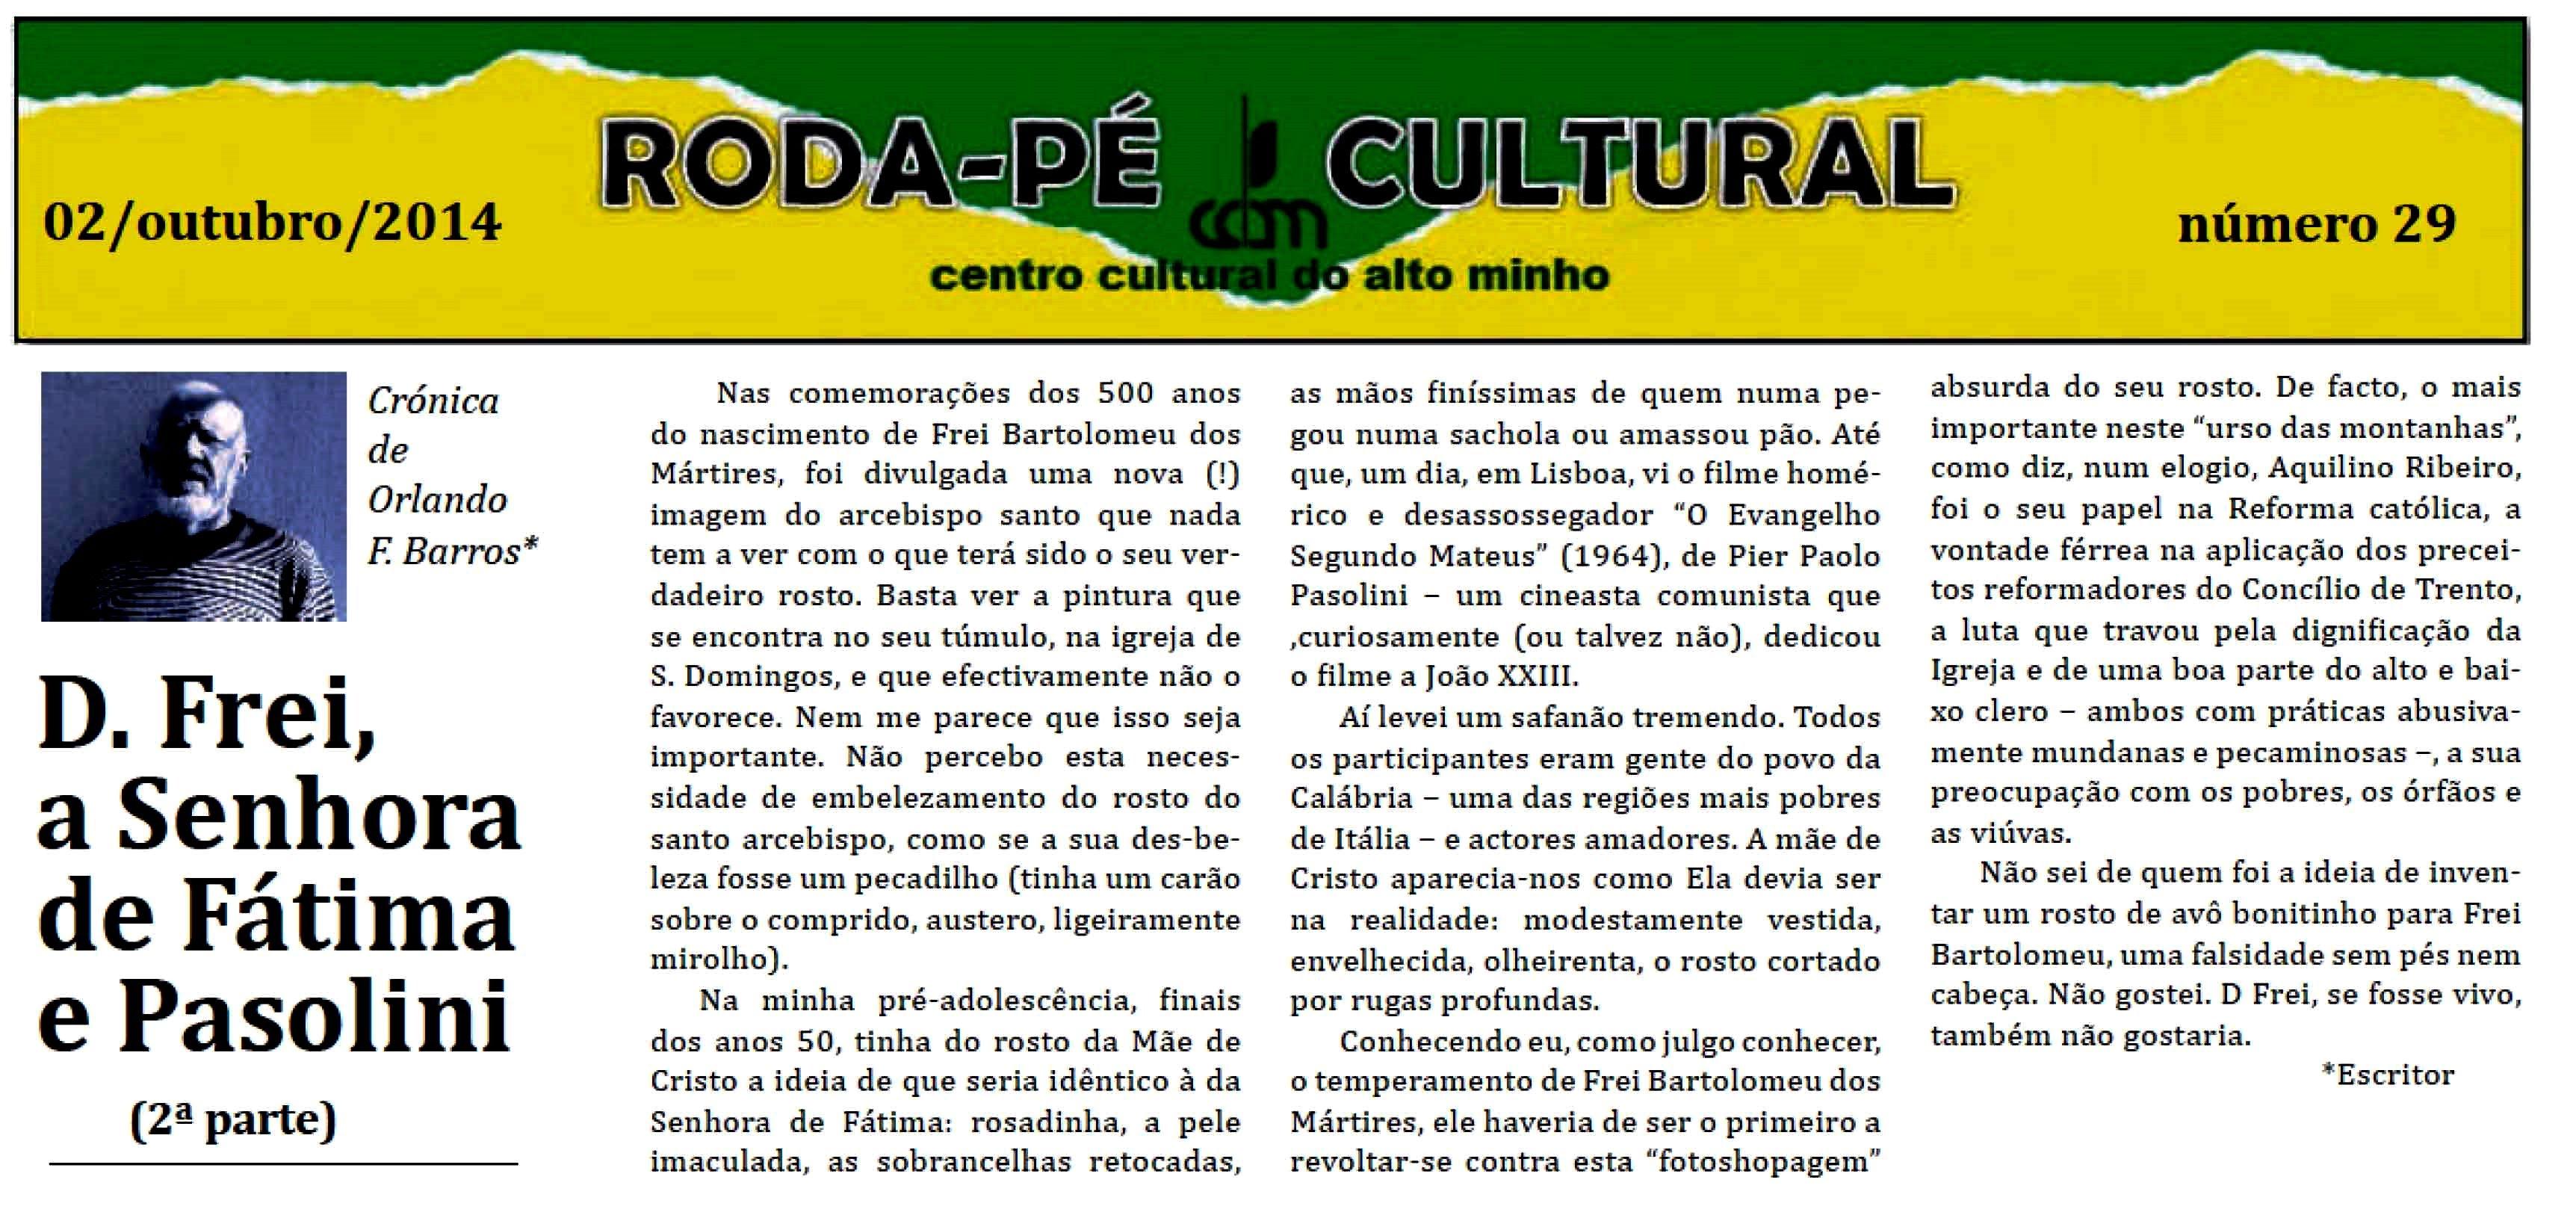 https://sites.google.com/a/centroculturaldoaltominho.org/ccam/actividades-realizadas/2014/RP_29.jpg